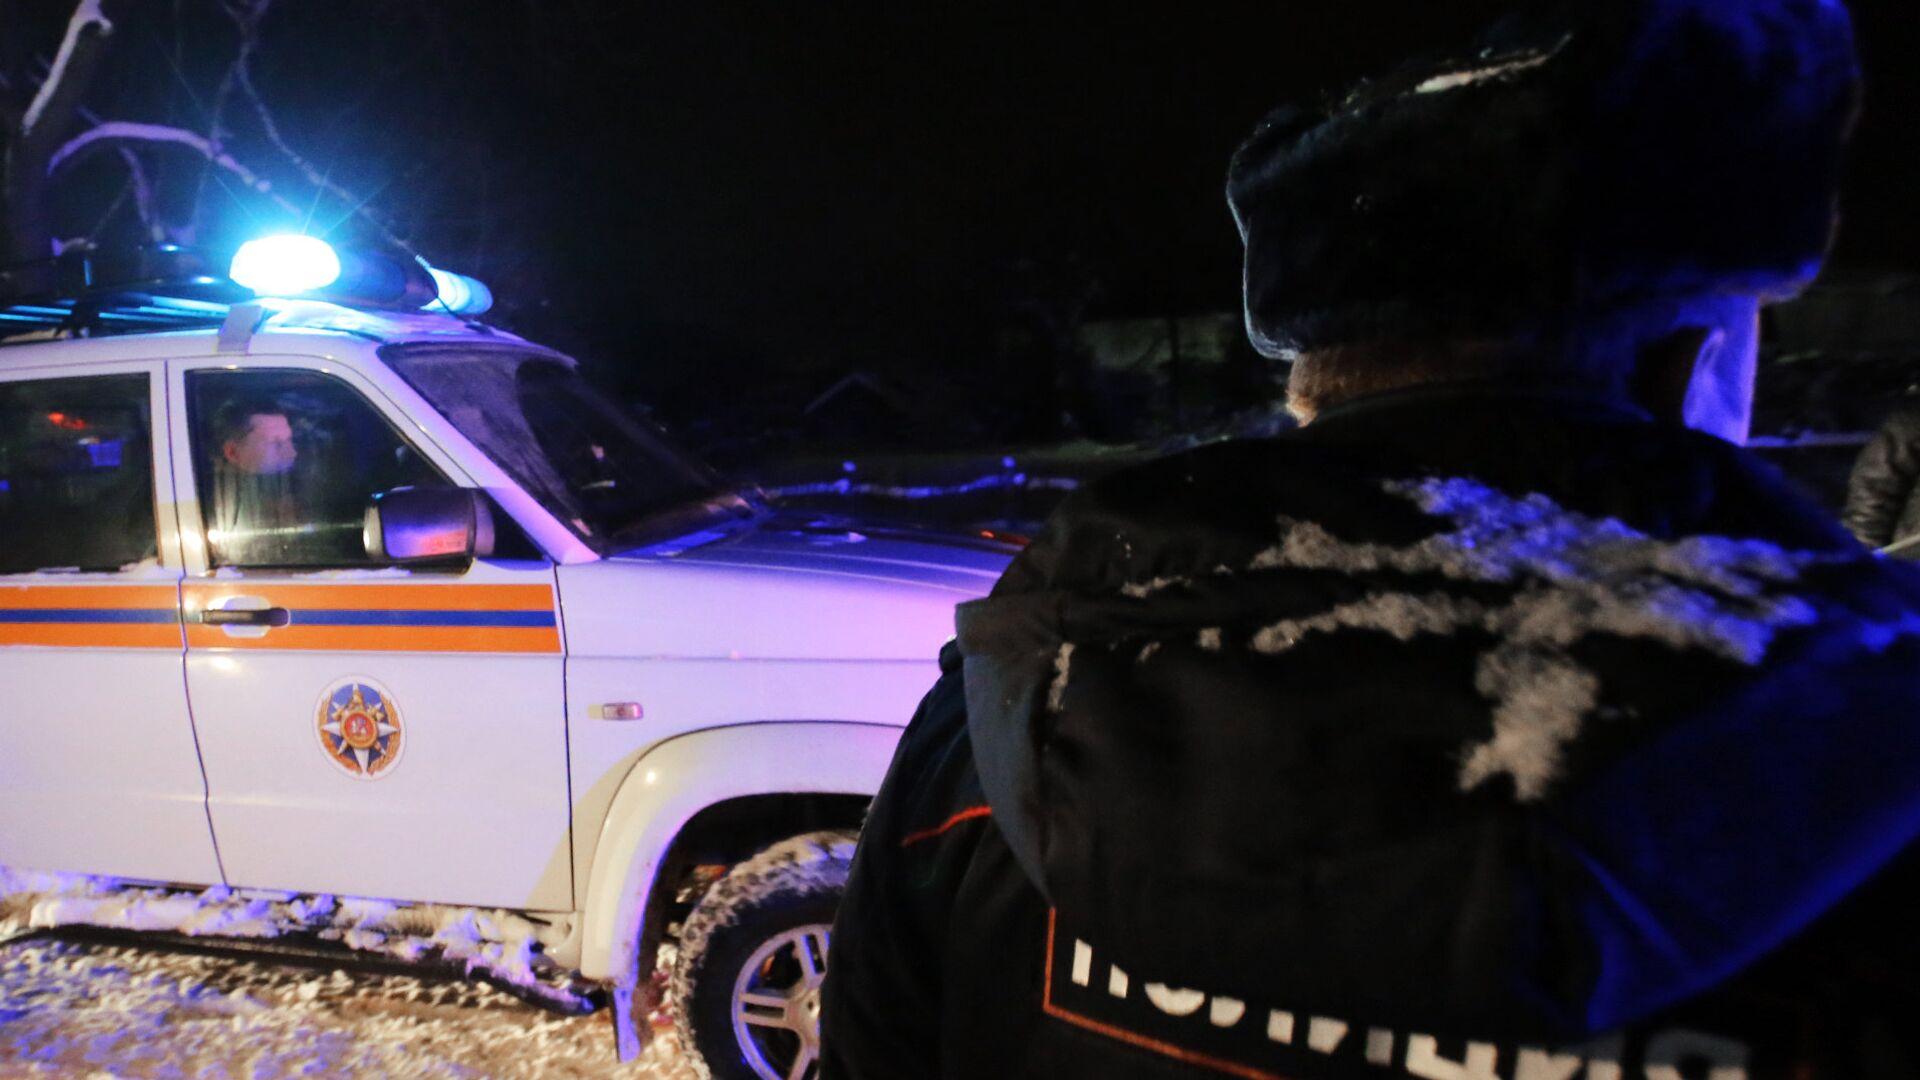 На нефтеперерабатывающем заводе под Ярославлем произошел пожар